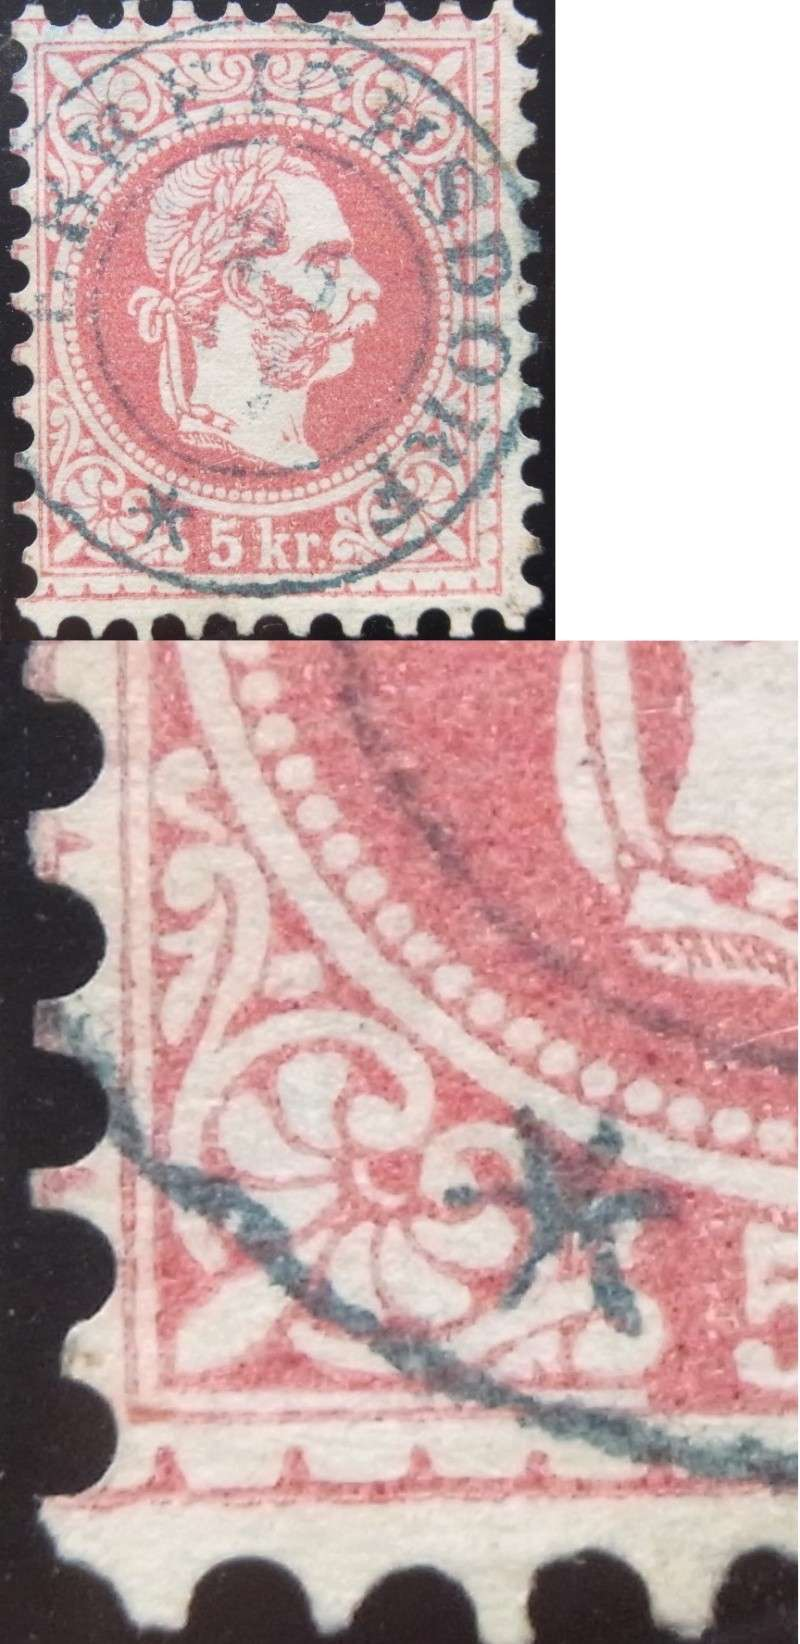 Freimarken-Ausgabe 1867 : Kopfbildnis Kaiser Franz Joseph I - Seite 4 Ank37-12